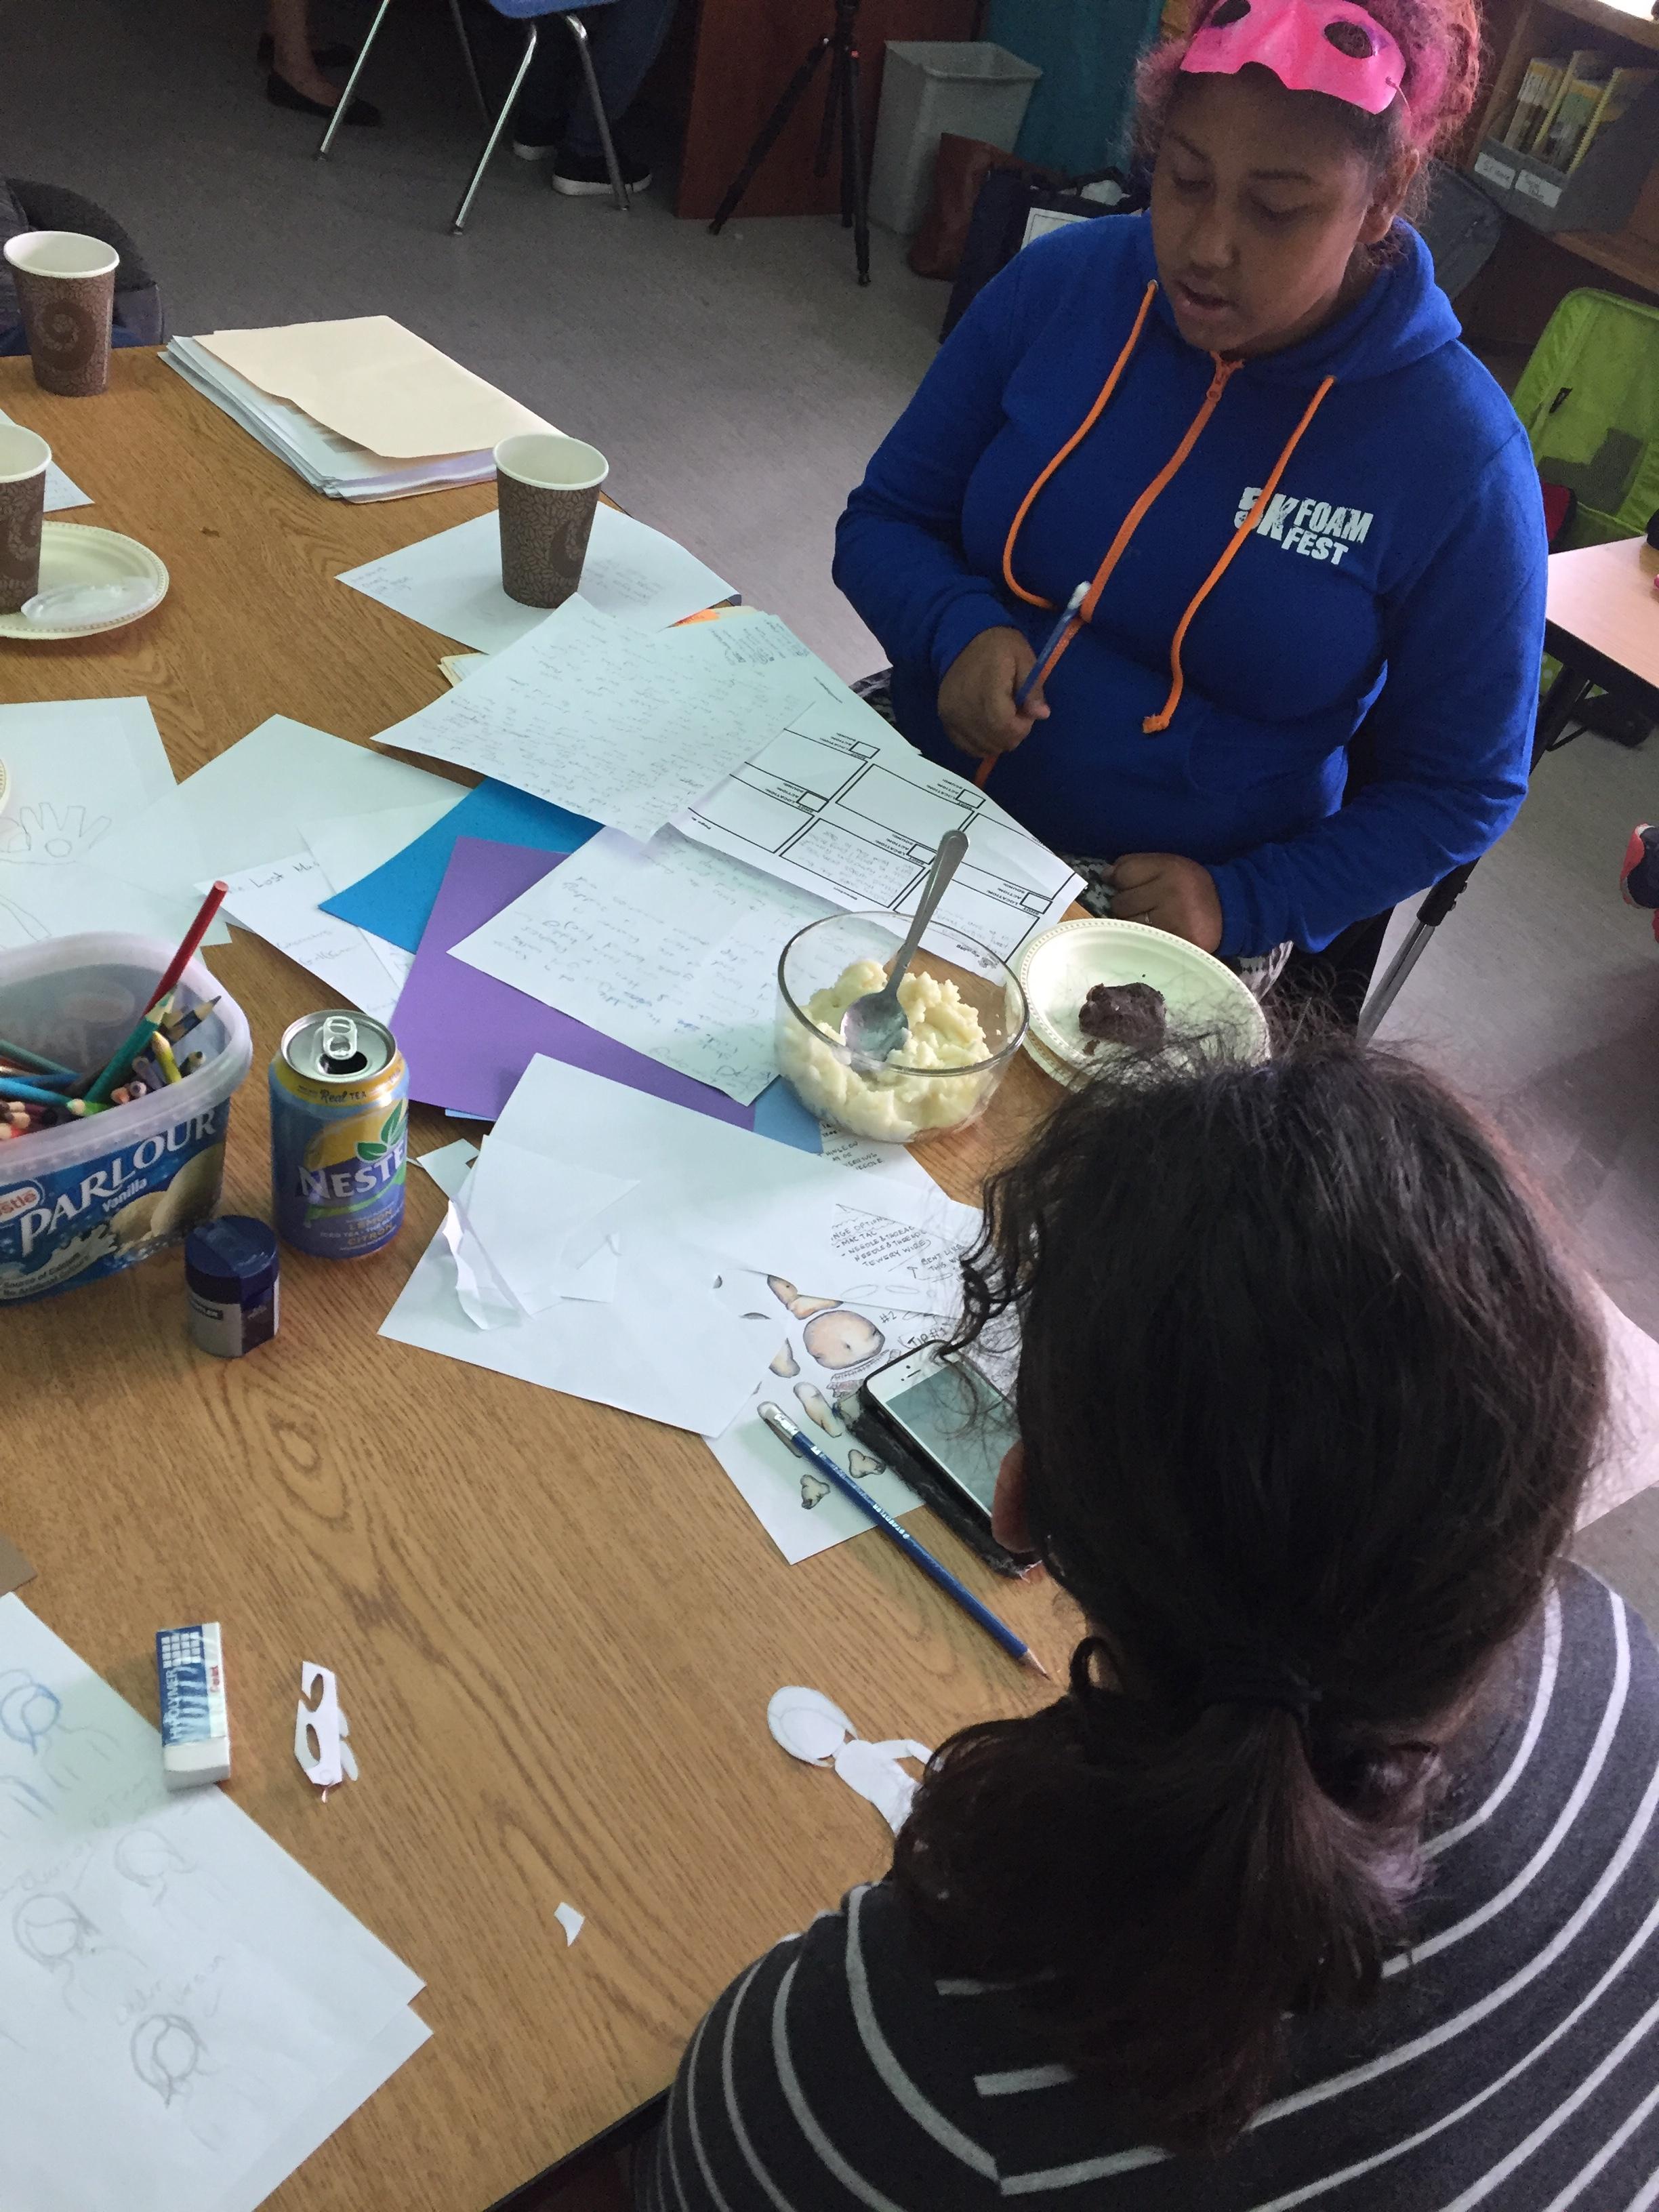 Angel and Kaiya work on story